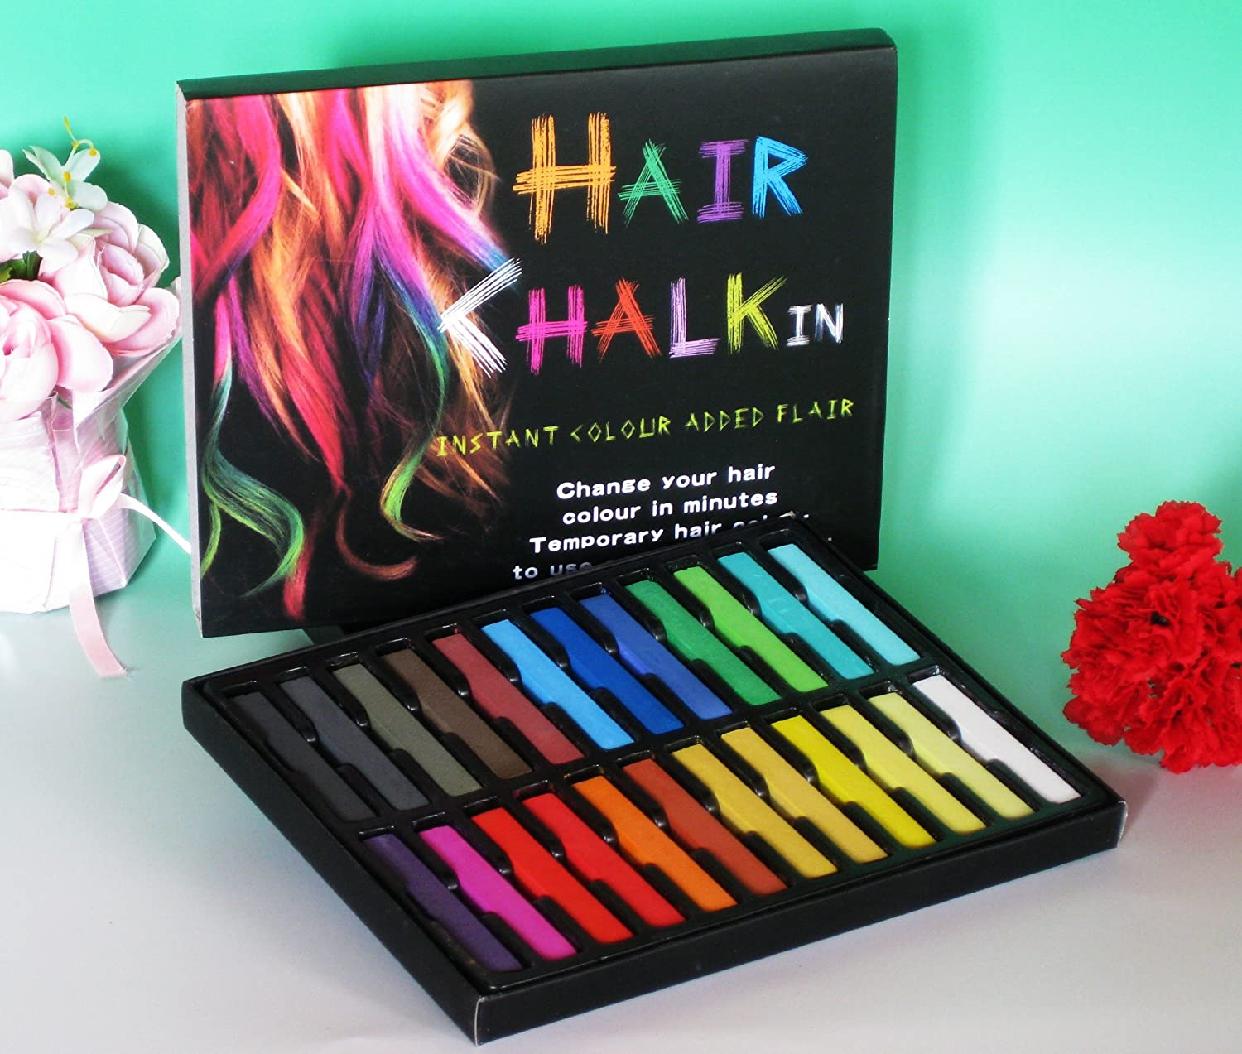 アミスト HAIR CHALKINの商品画像9